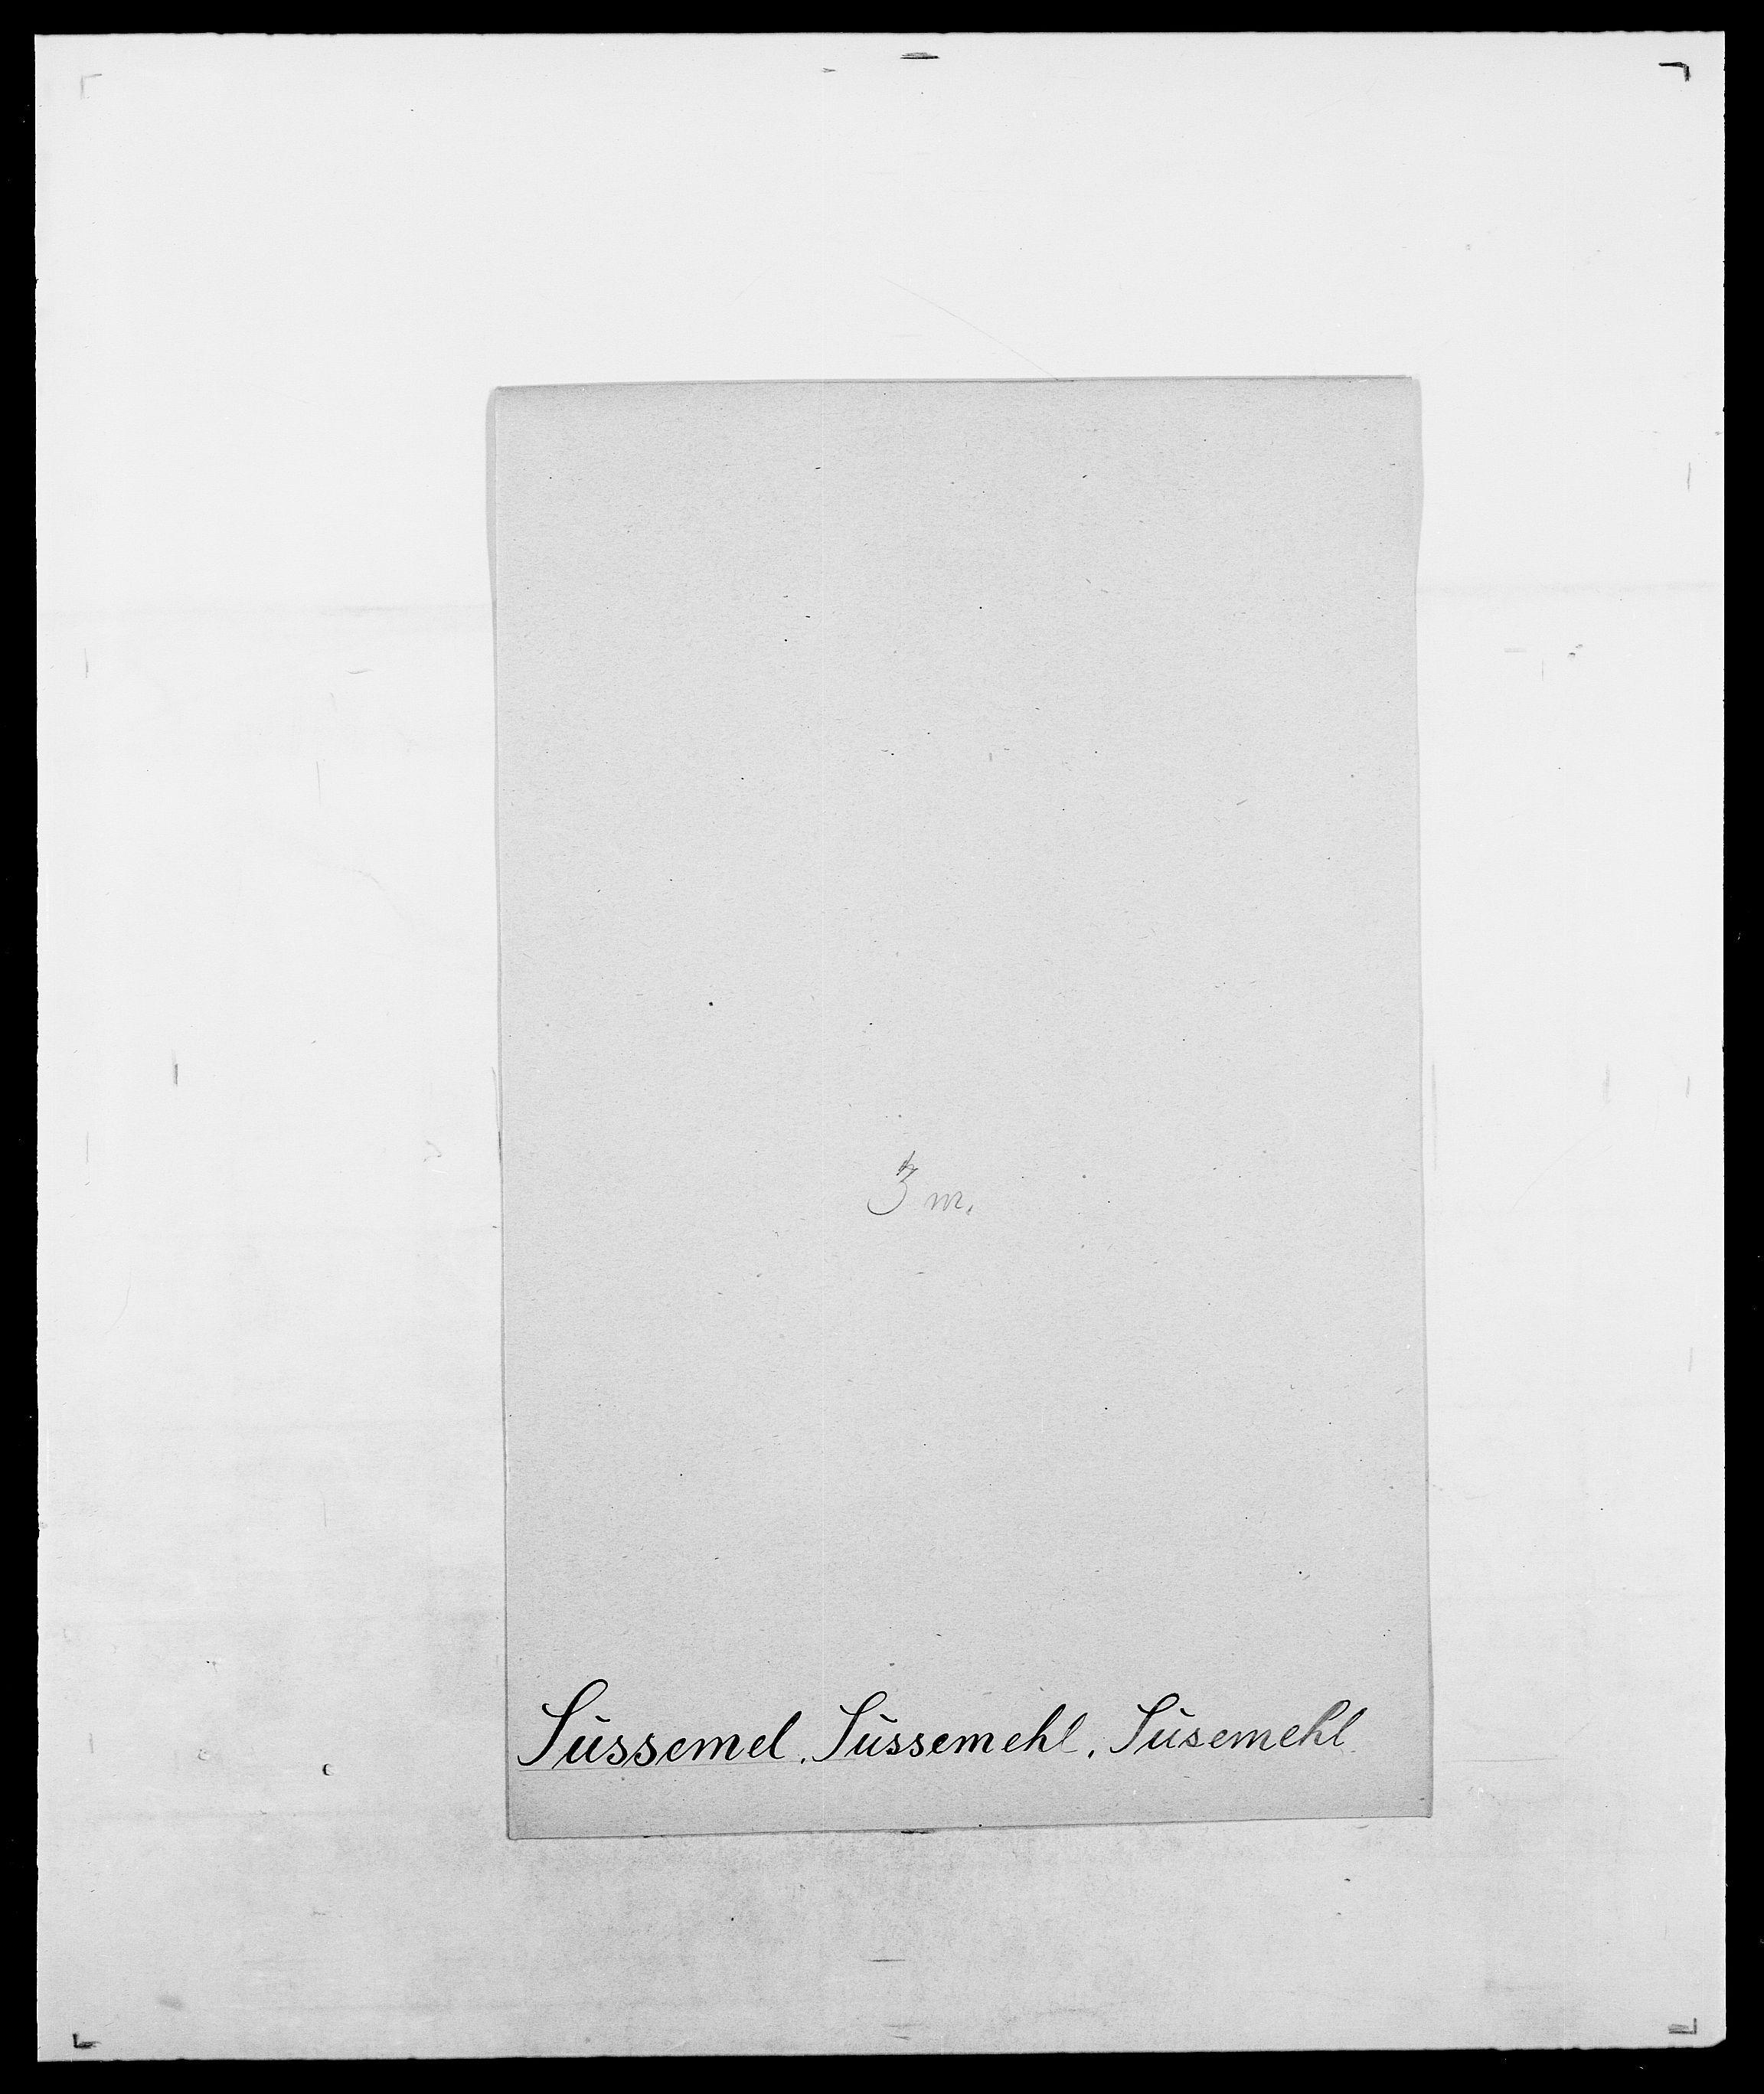 SAO, Delgobe, Charles Antoine - samling, D/Da/L0037: Steen, Sthen, Stein - Svare, Svanige, Svanne, se også Svanning og Schwane, s. 957